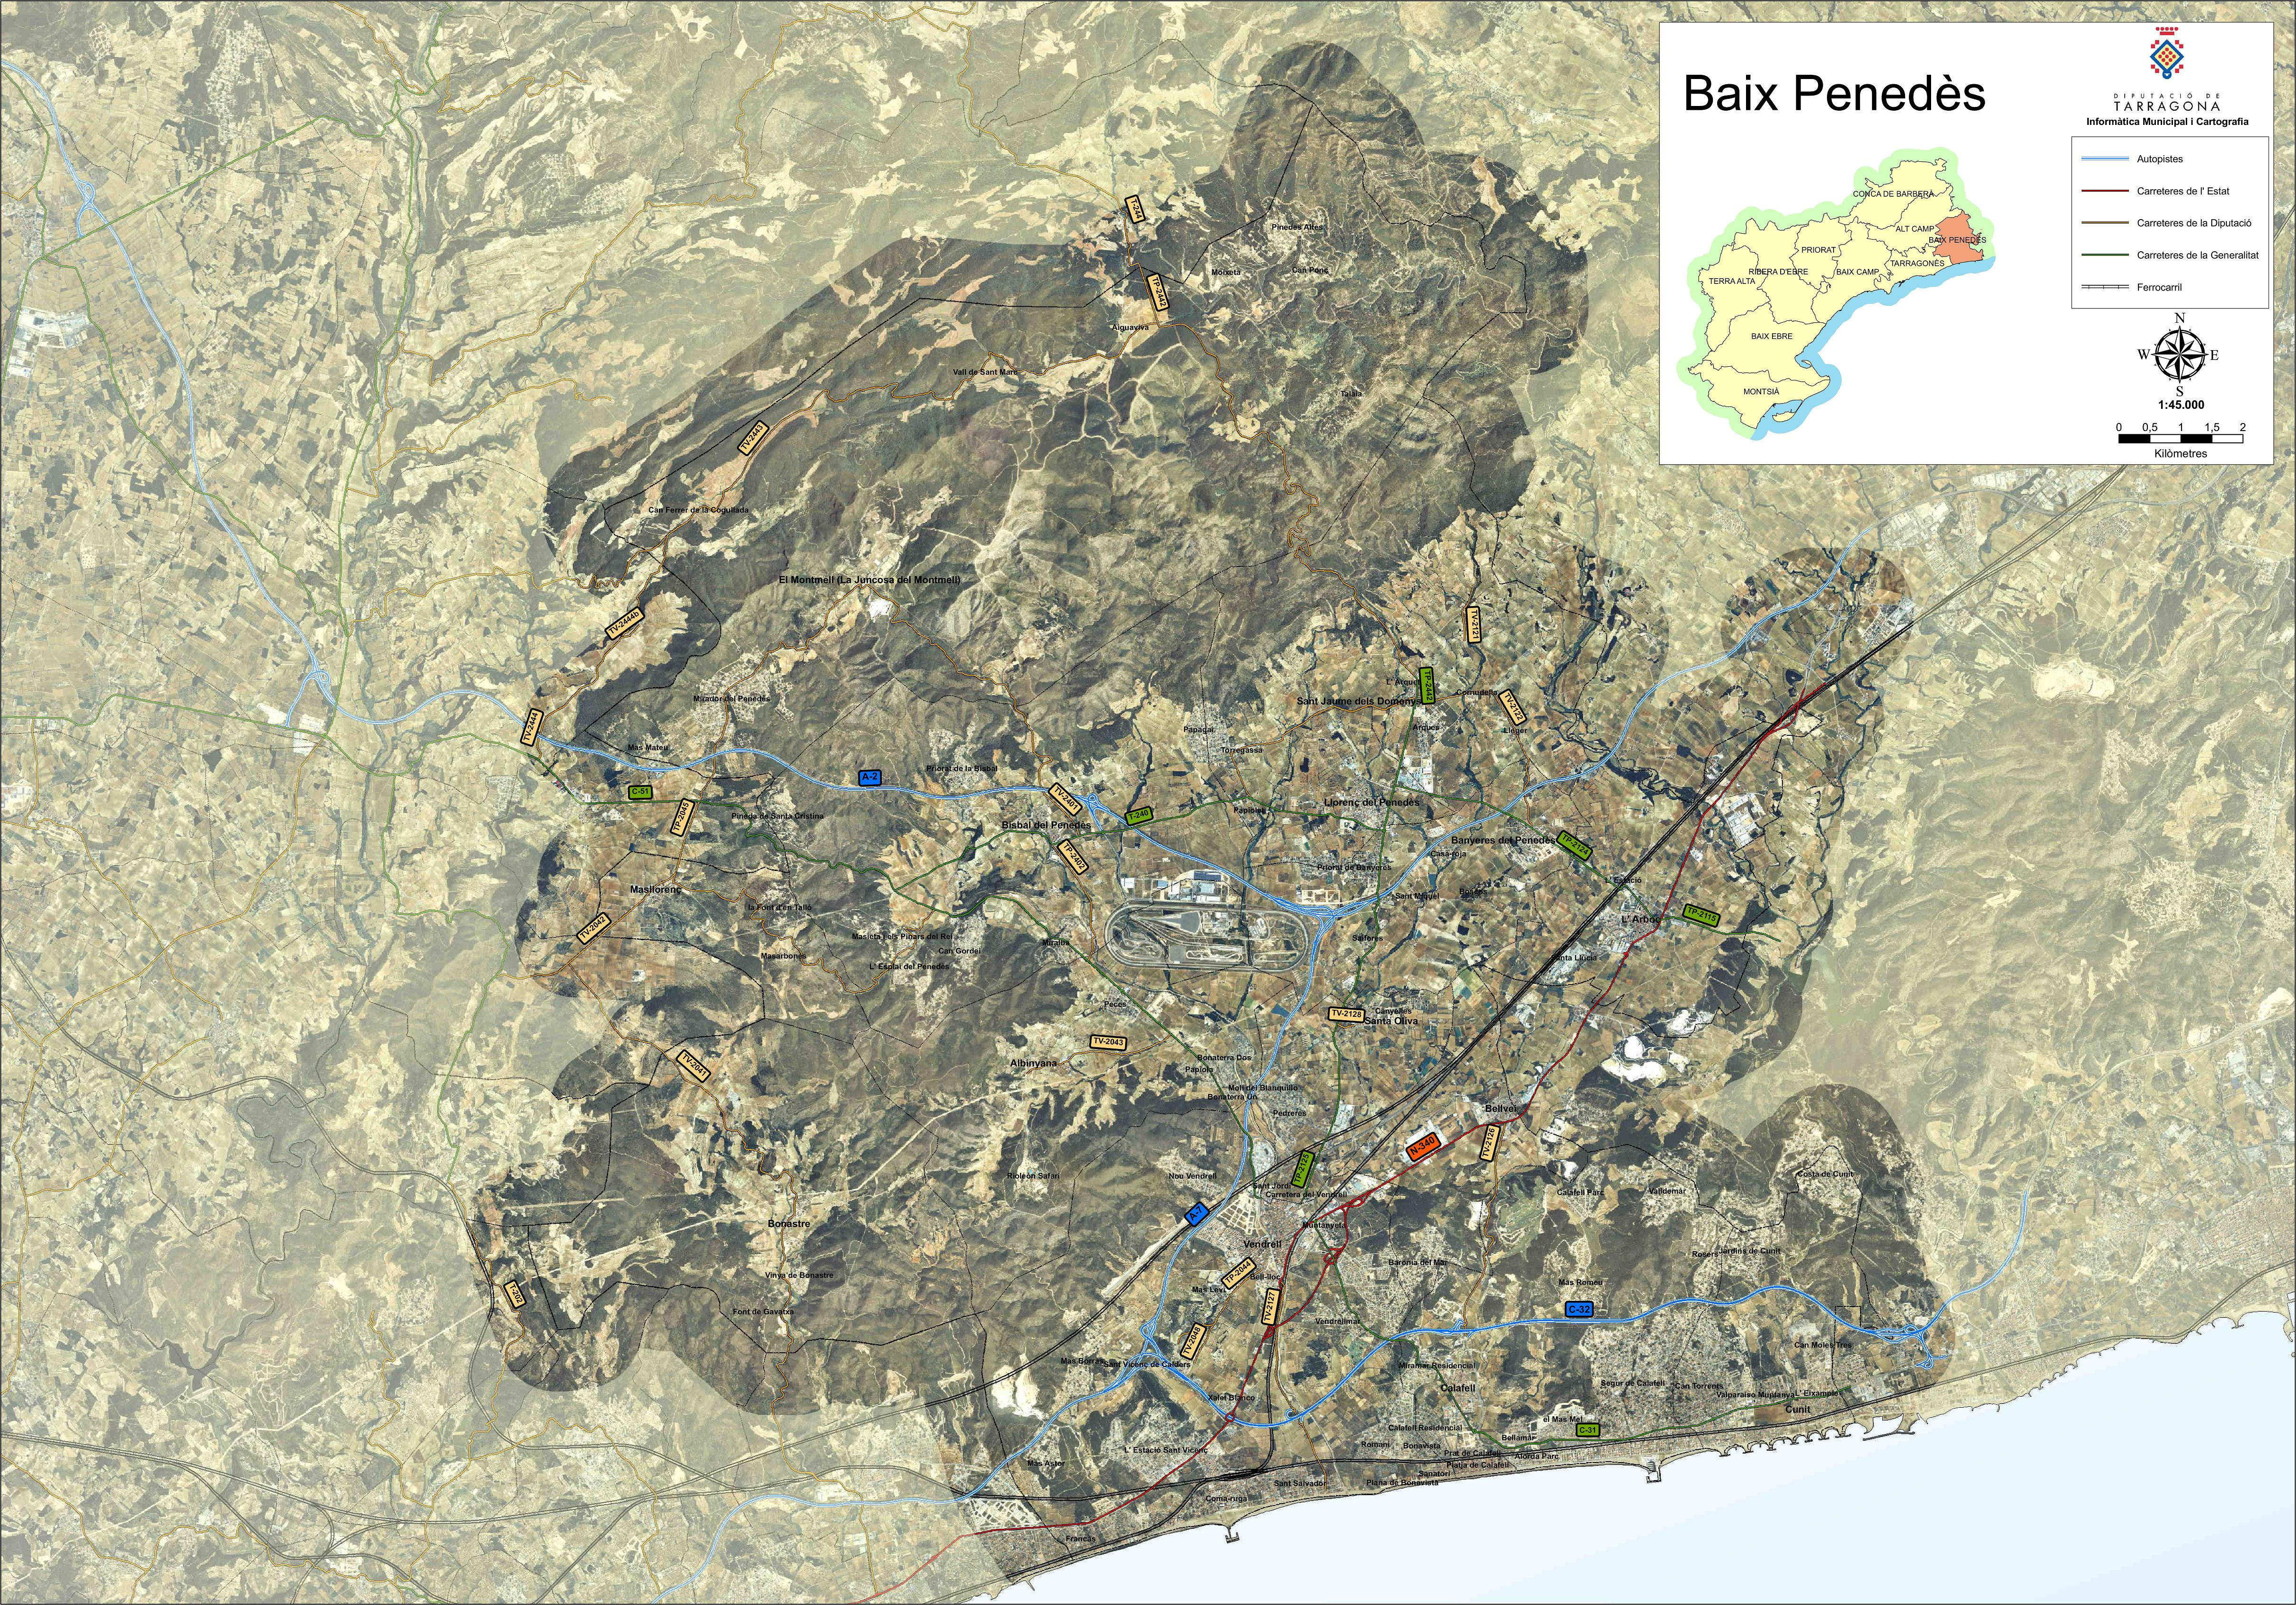 Mapa satelital con carreteras de la comarca de Baix Penedès